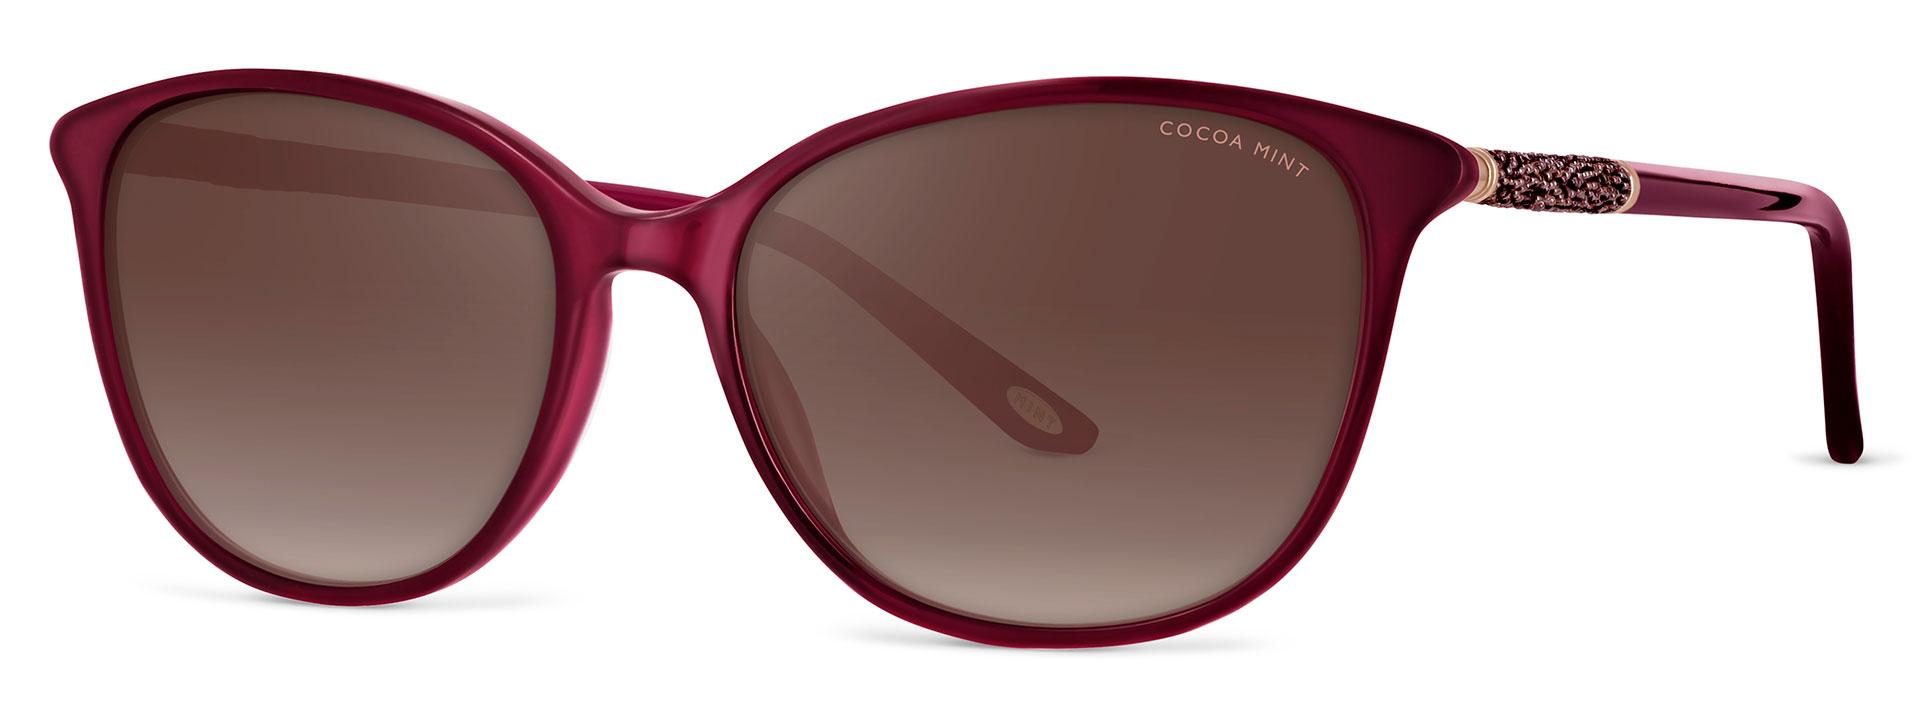 Cocoa Mint Sun Glasses - Burgundy - CMS2067-C2